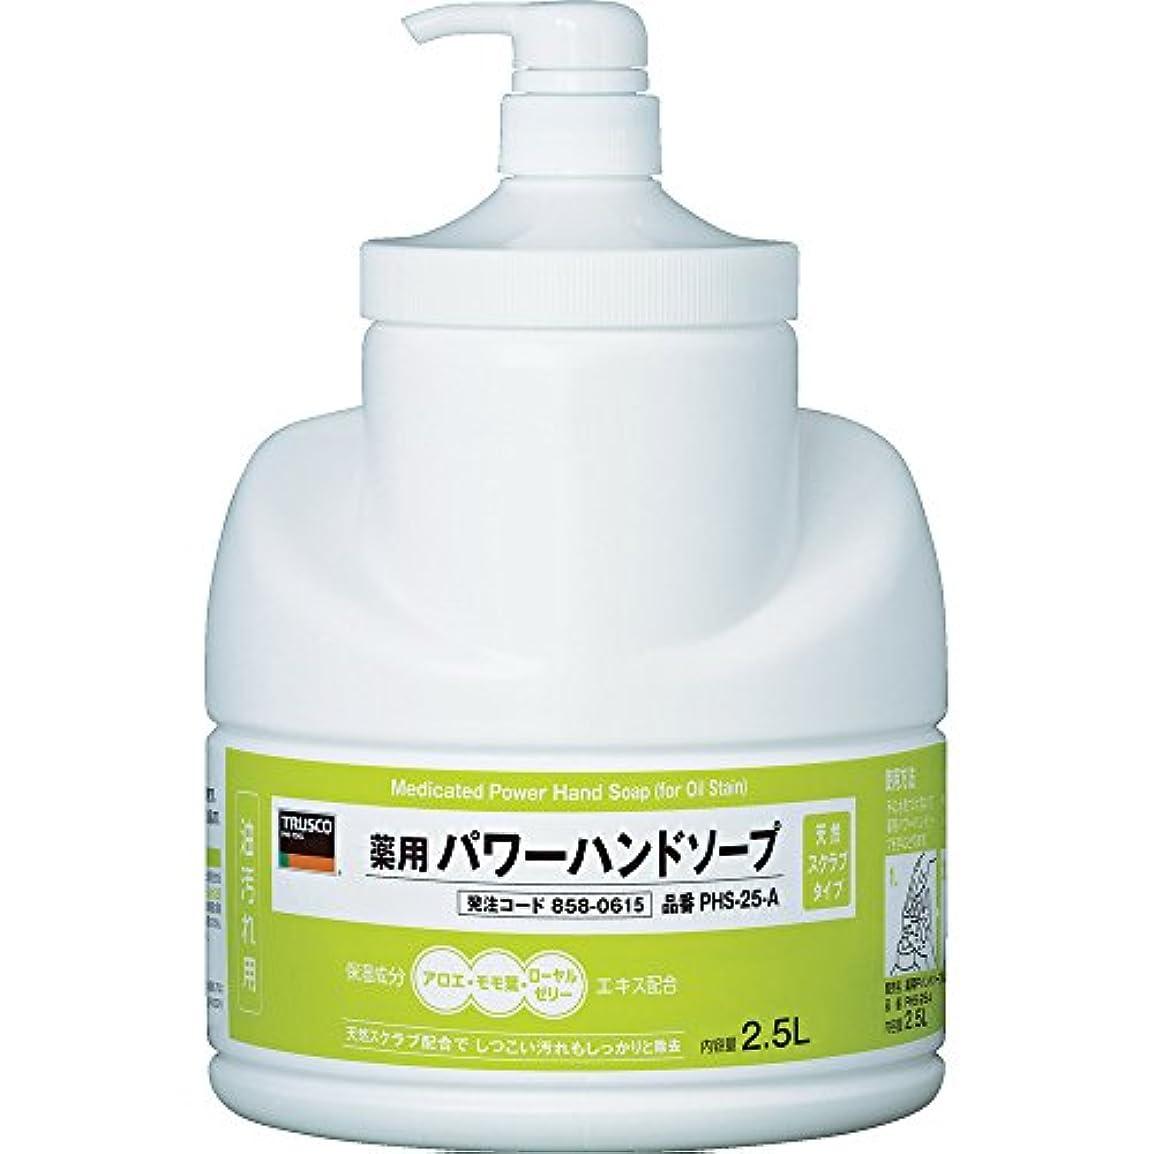 アルバム凍る複製TRUSCO(トラスコ) 薬用パワーハンドソープポンプボトル 2.5L PHS-25-A